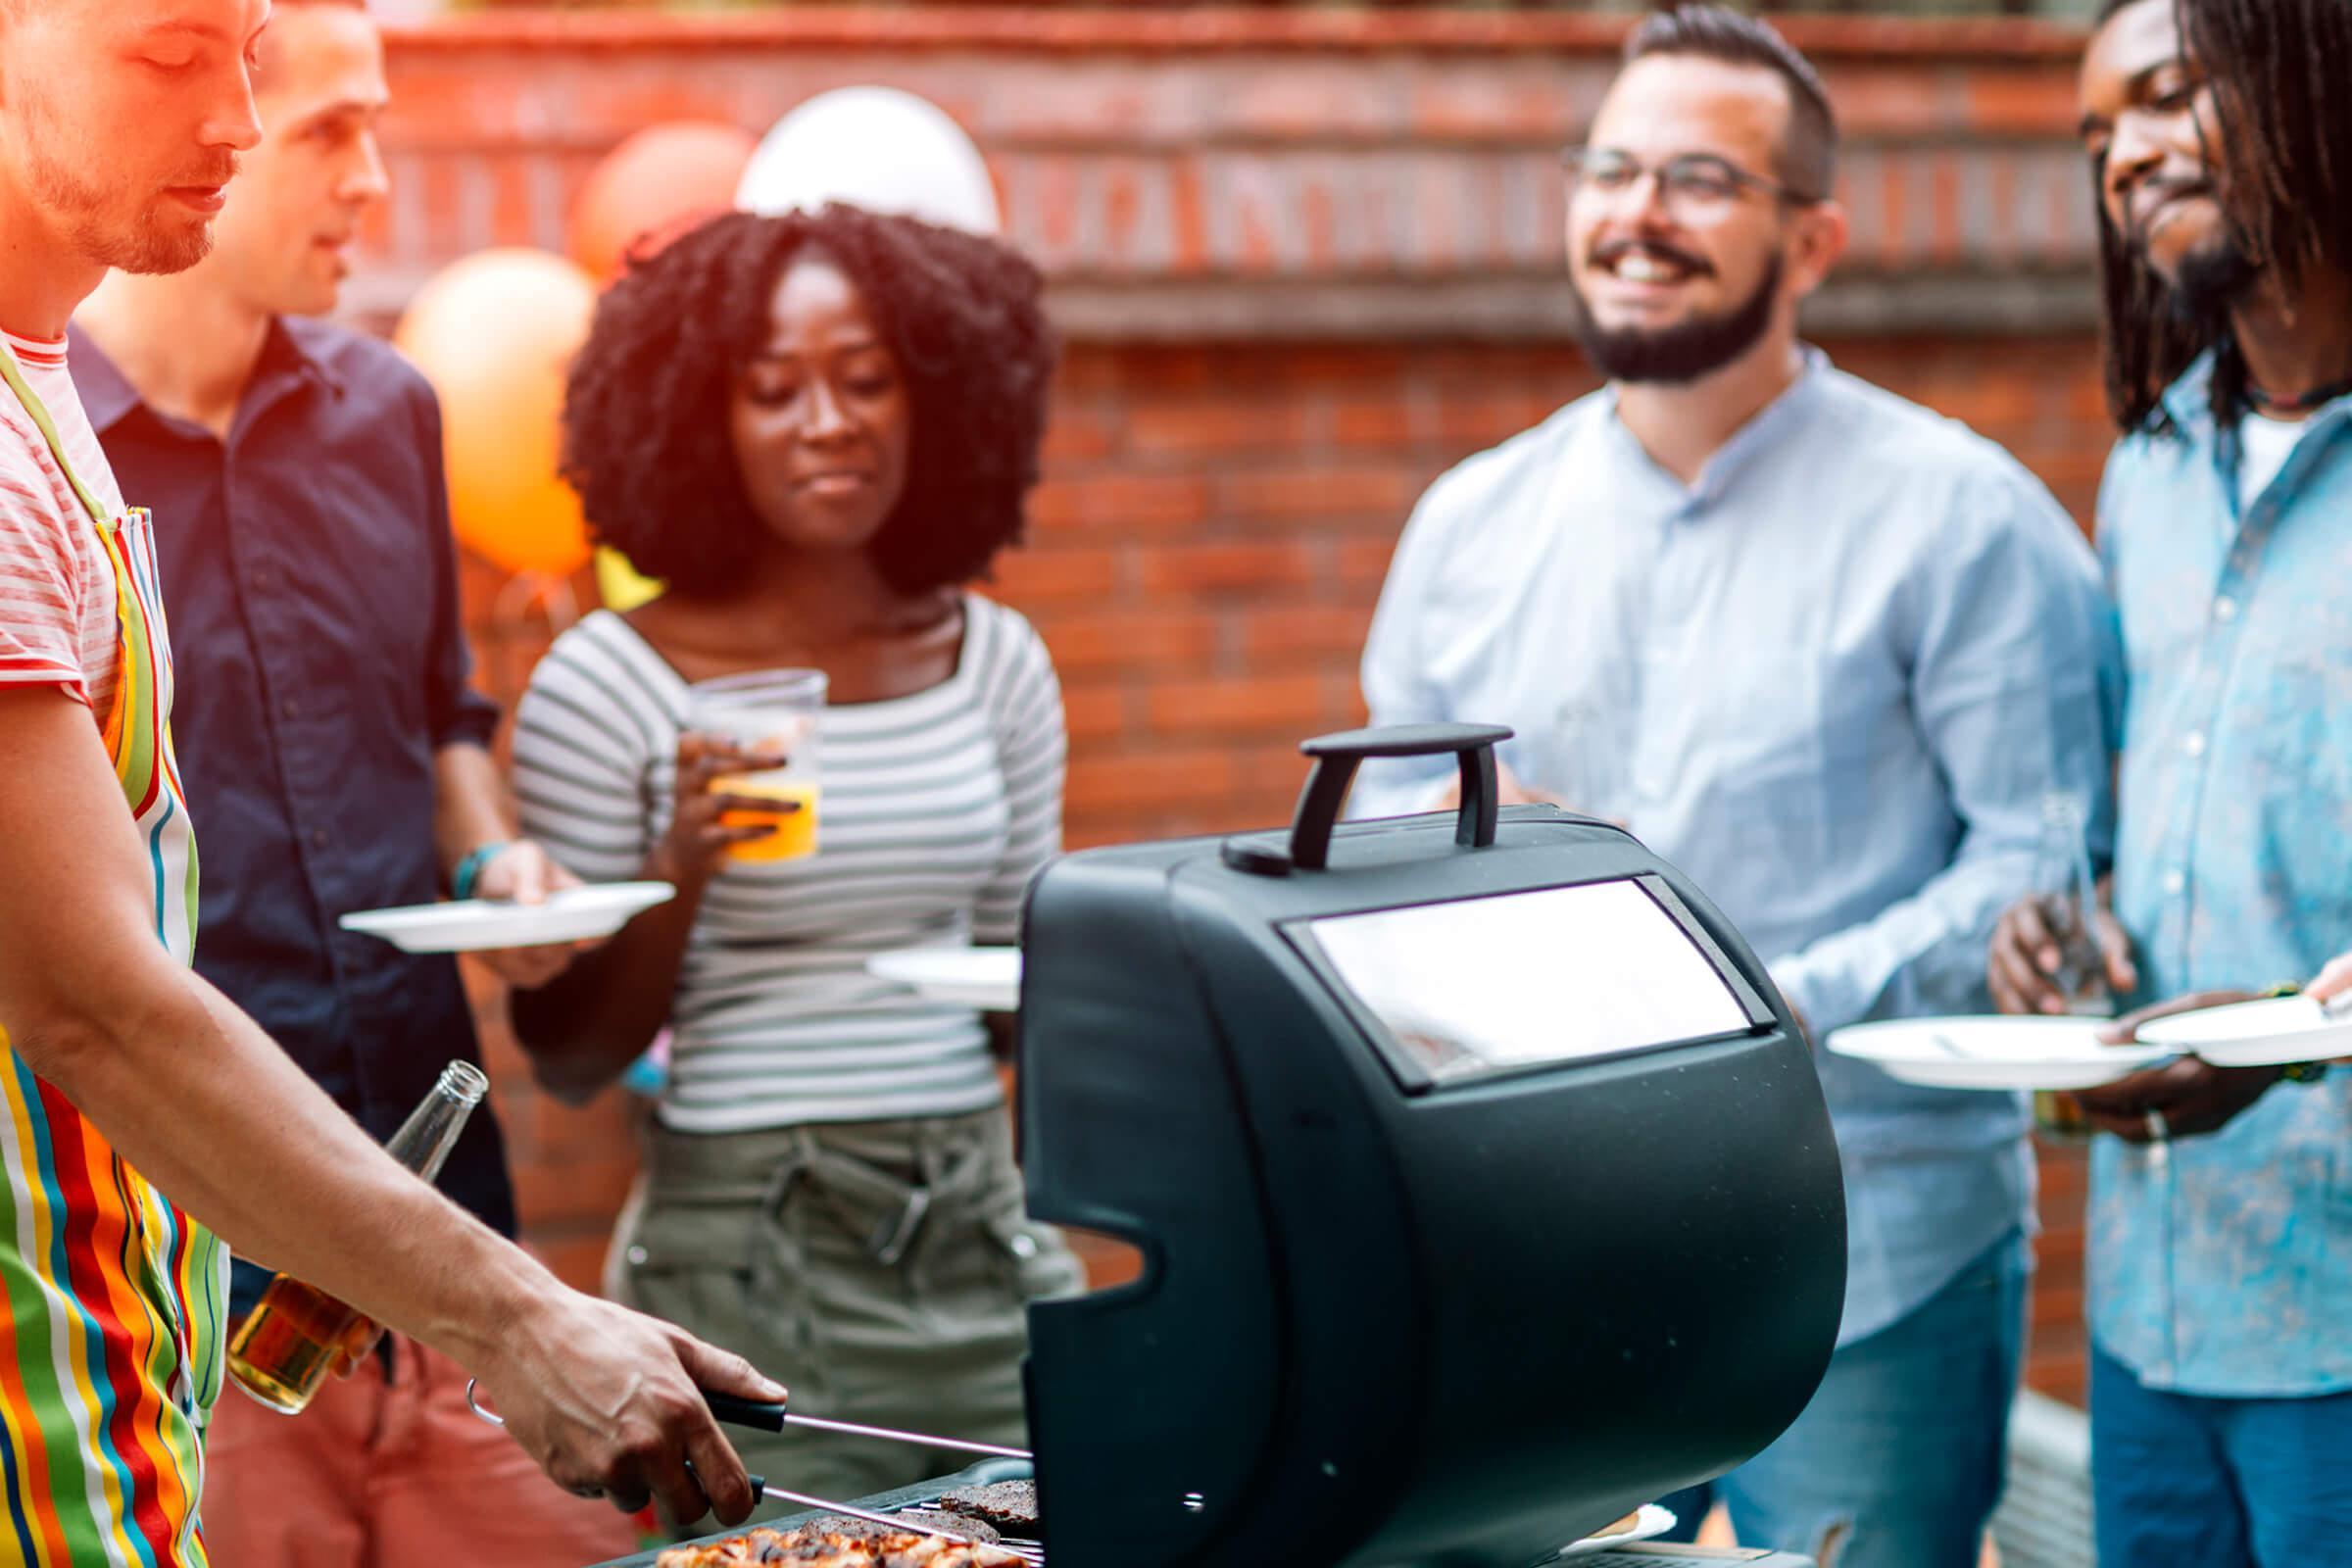 Barbecue at Latitude Pointe Apartments in Boynton Beach, Florida